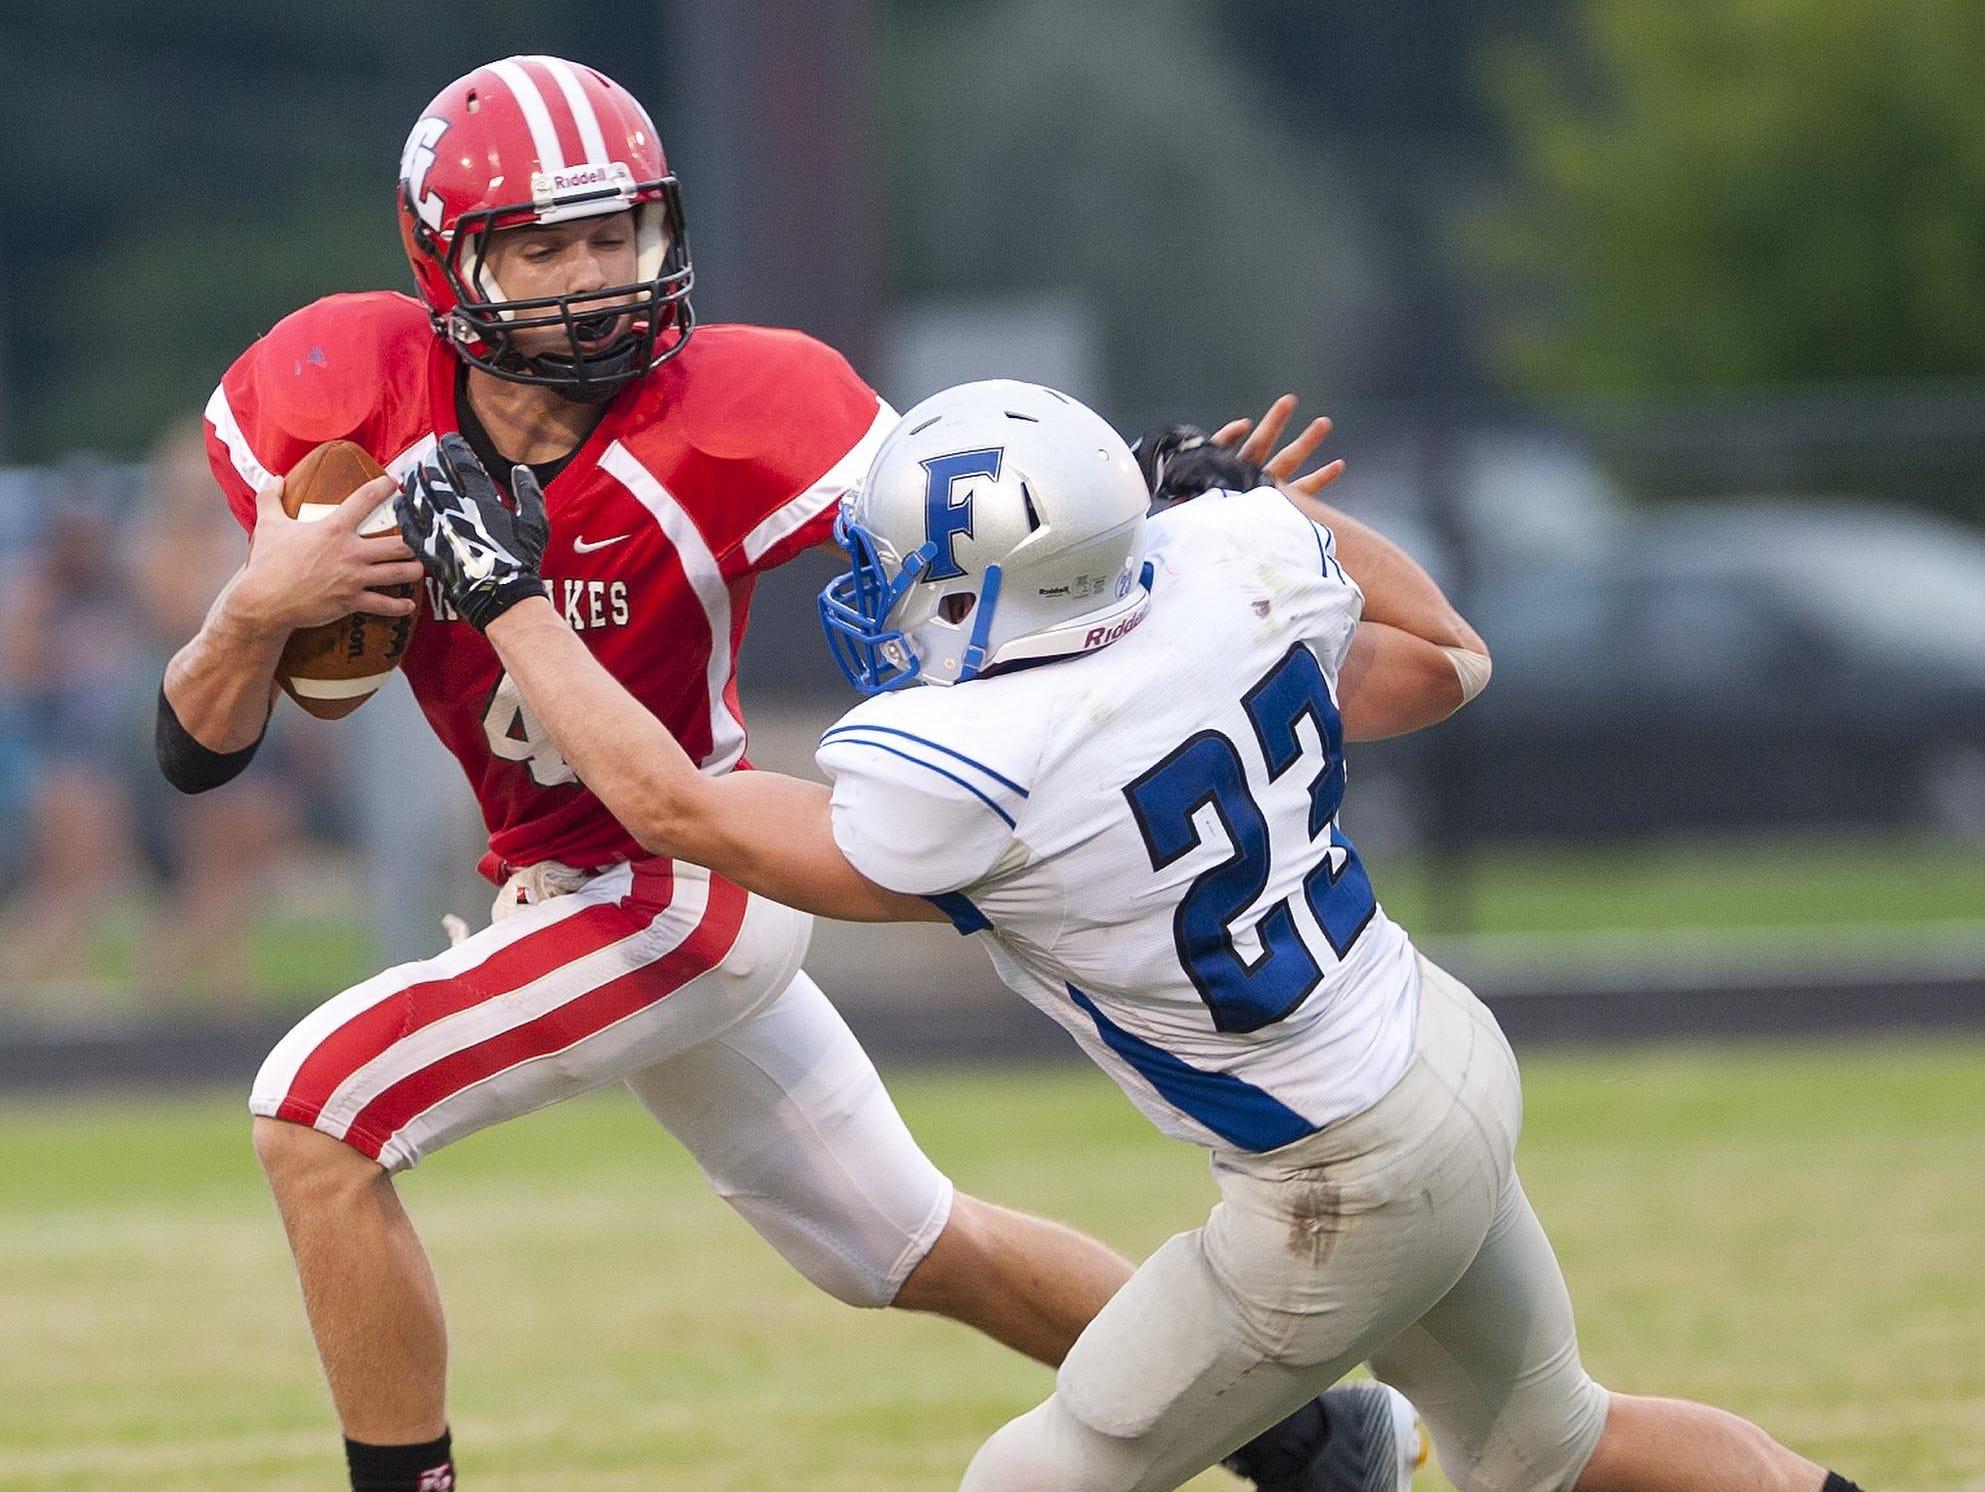 Quarterback Blake Bennington has scored 10 touchdowns during Twin Lakes' 4-1 start.